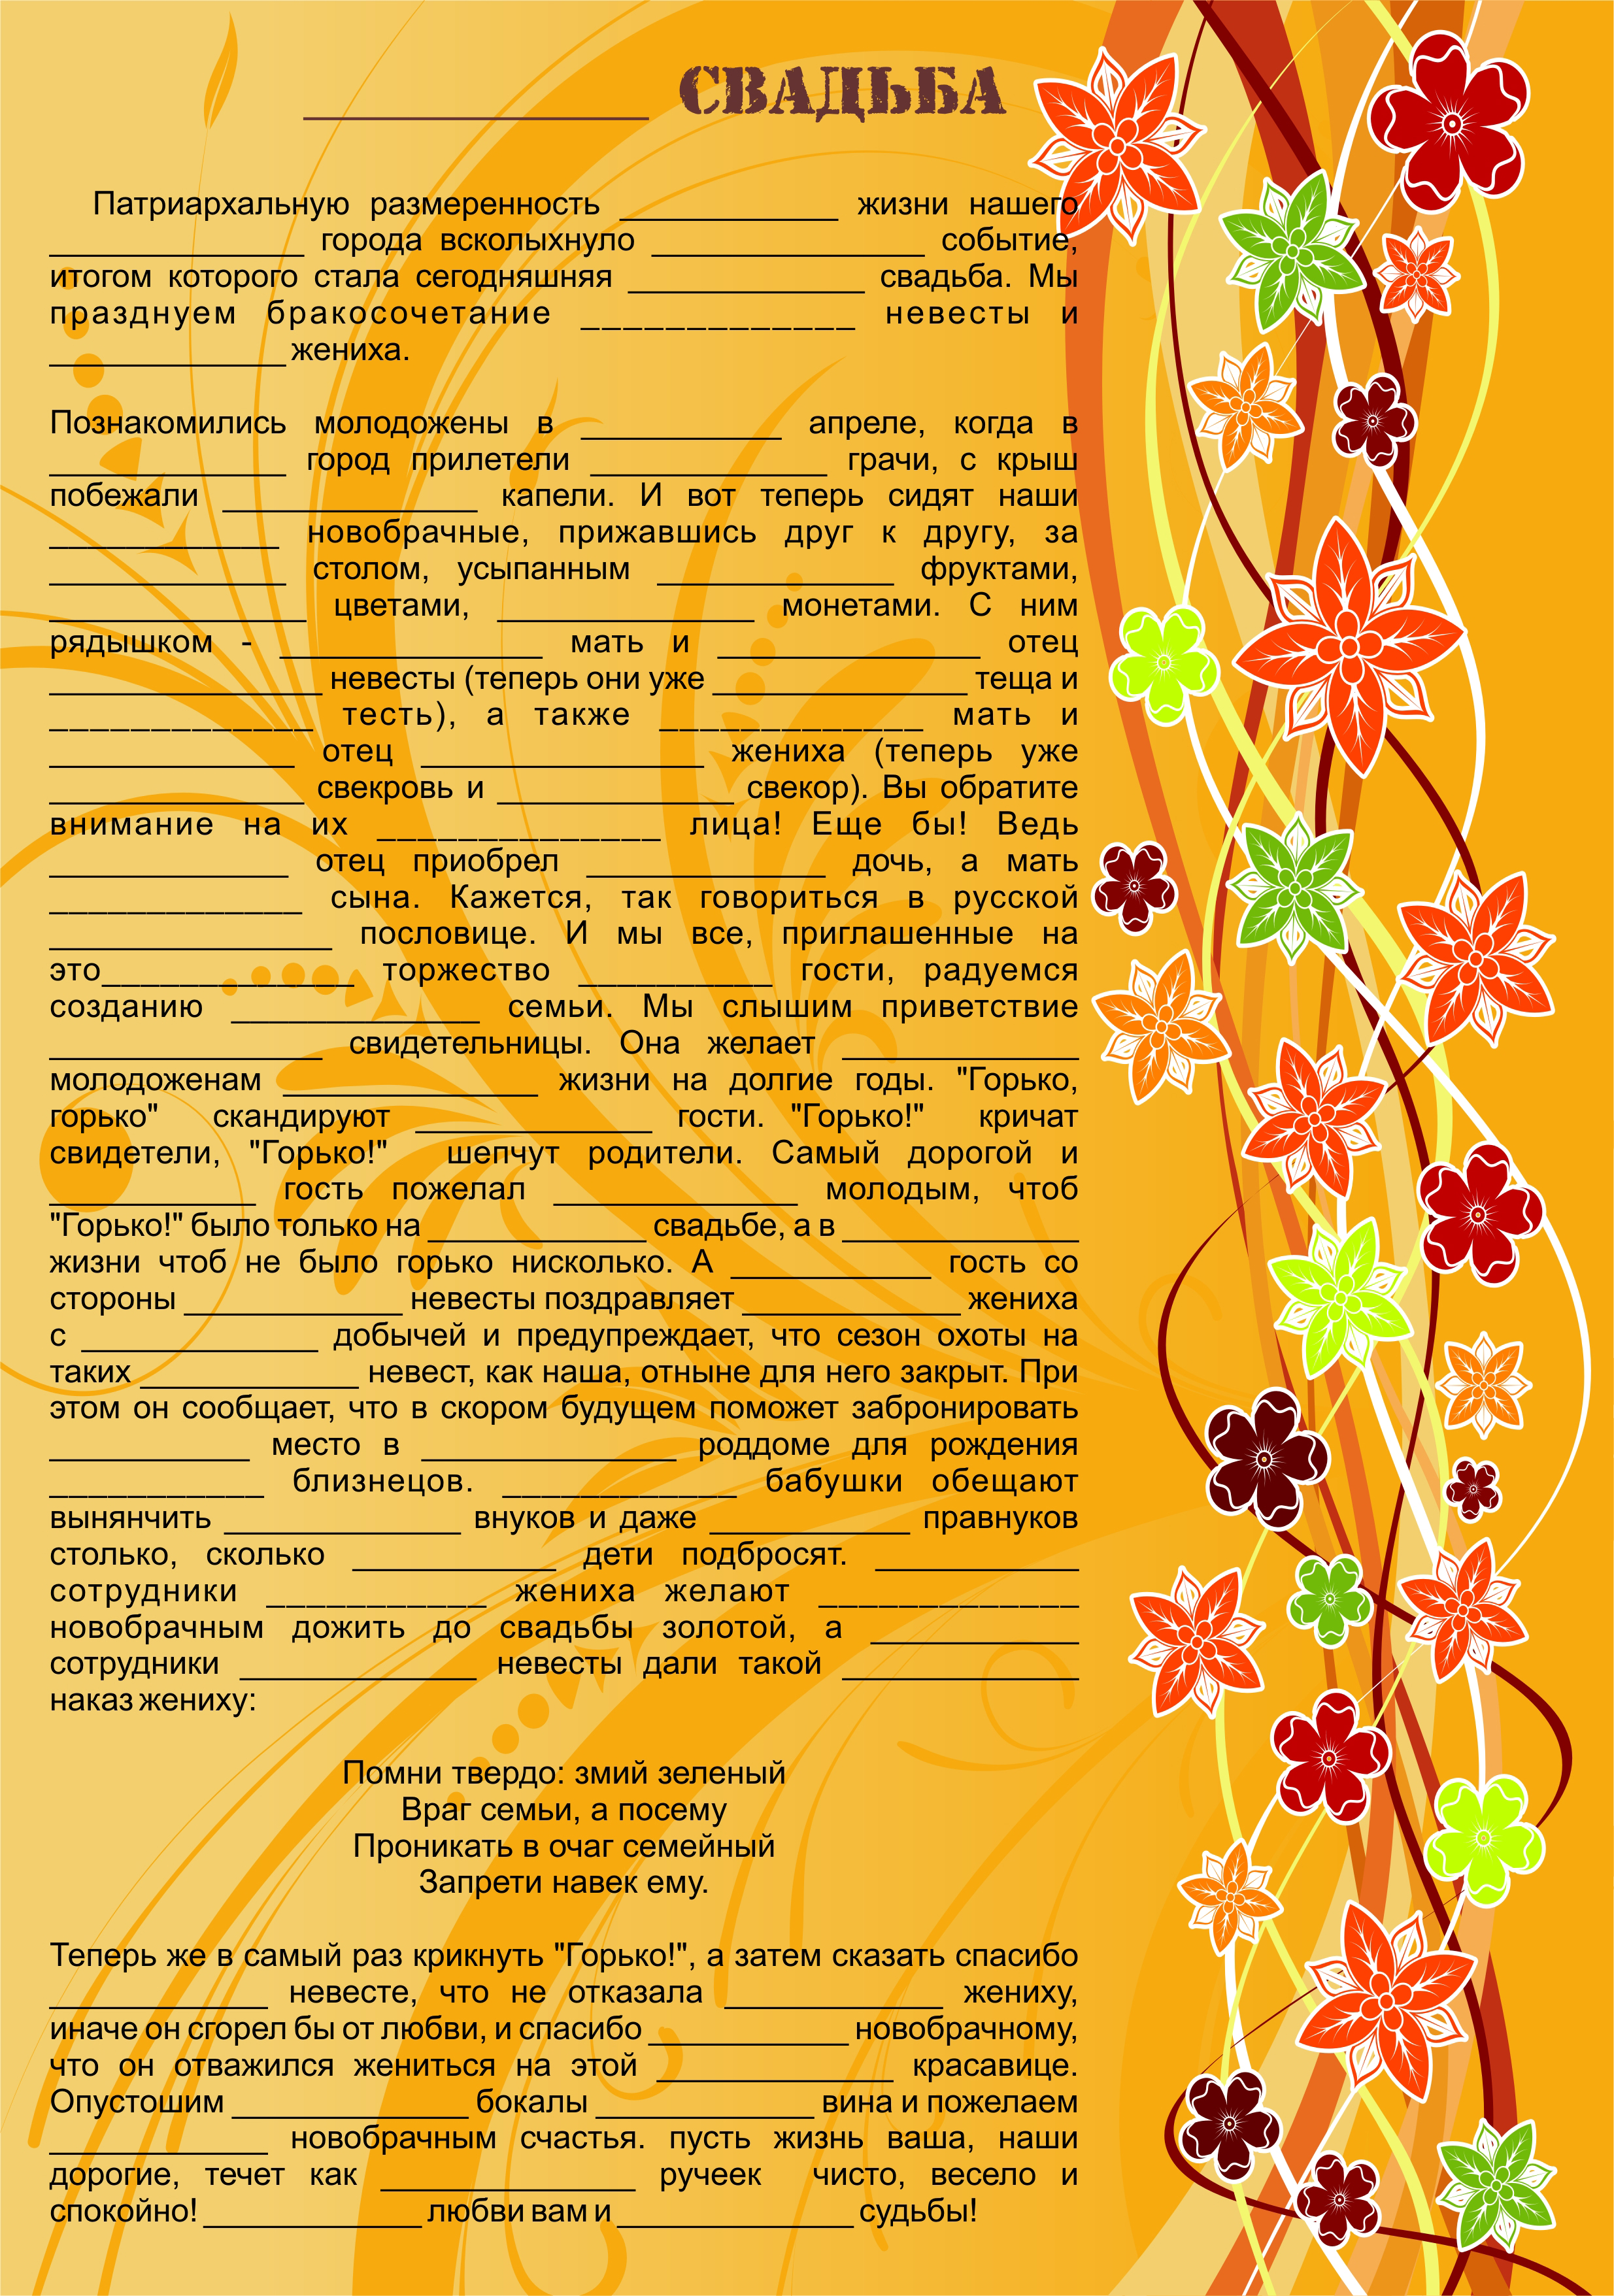 Представление гостям на юбилее иностранных гостей шутка - 7я.ру 65